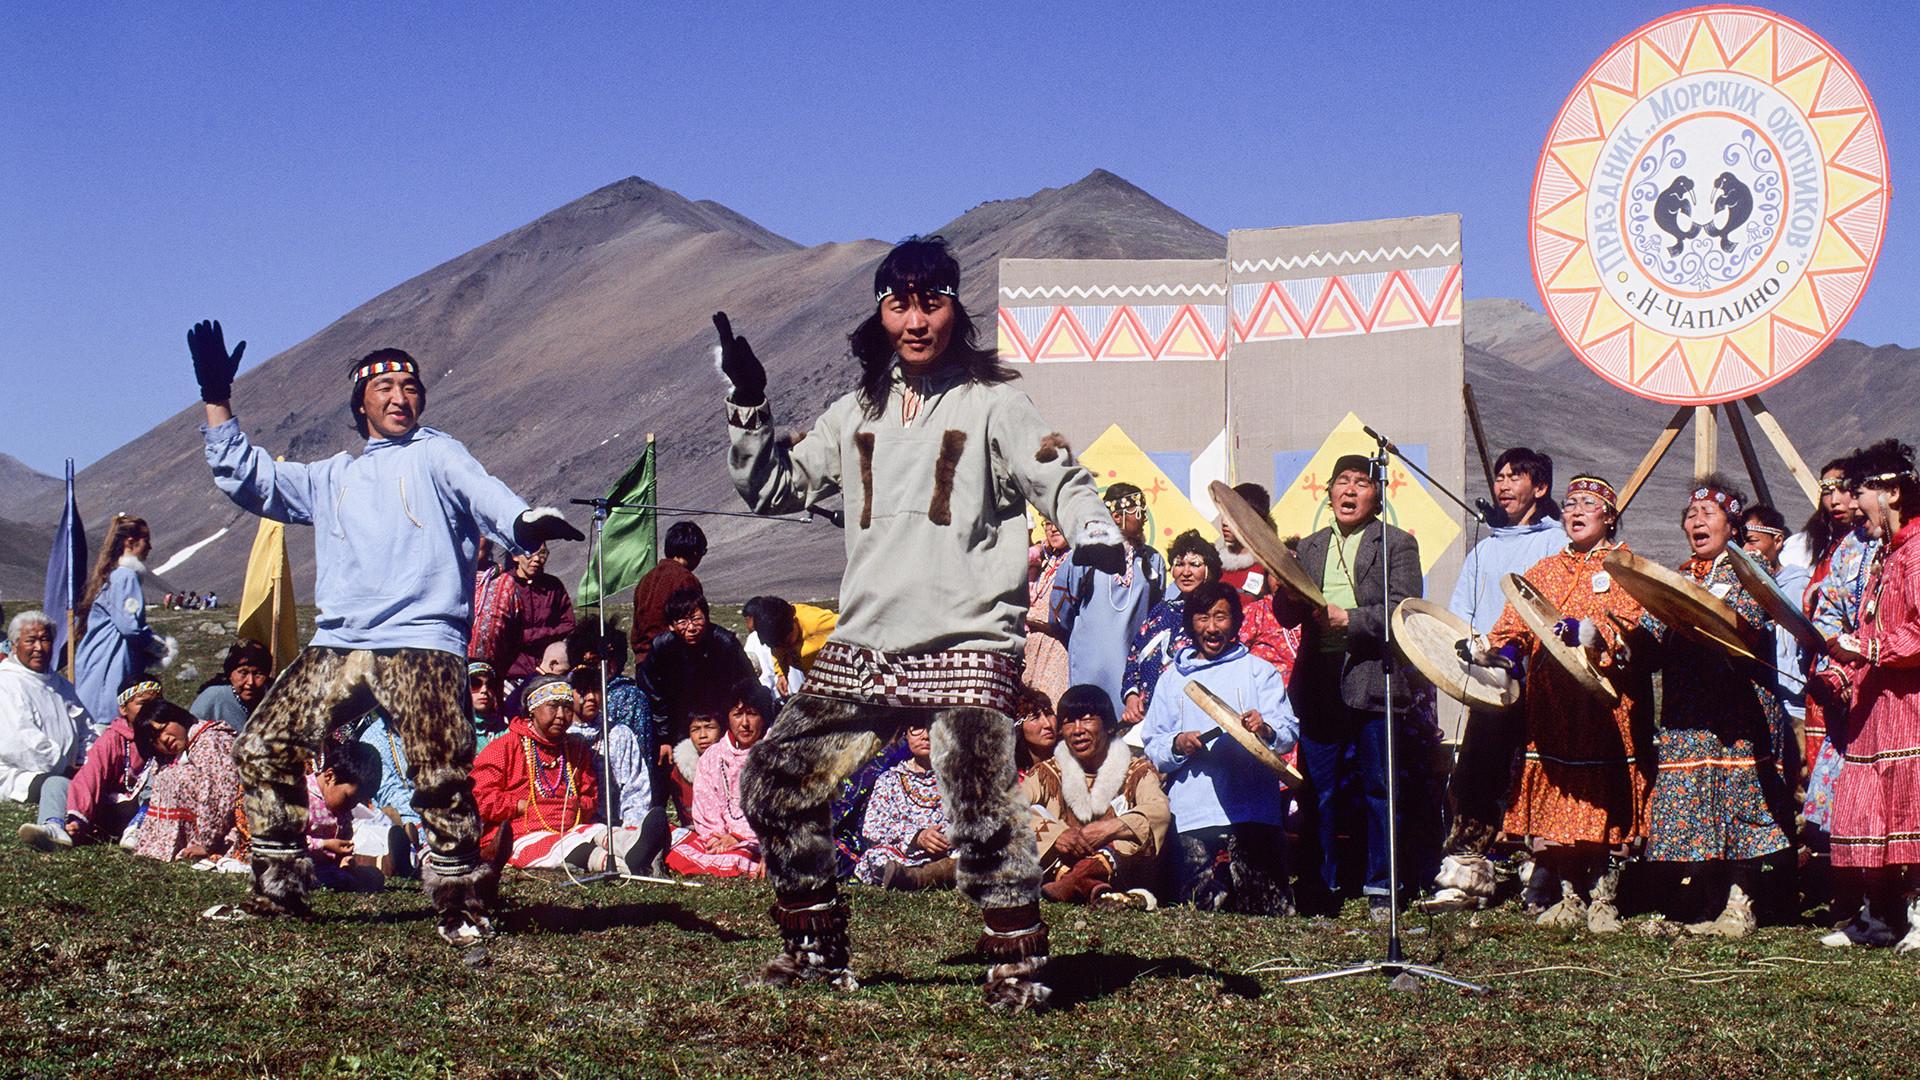 Традиционалне игре на фестивалу лова, Ново Чапљино, Чукотски крај, Магаданска област, Русија.